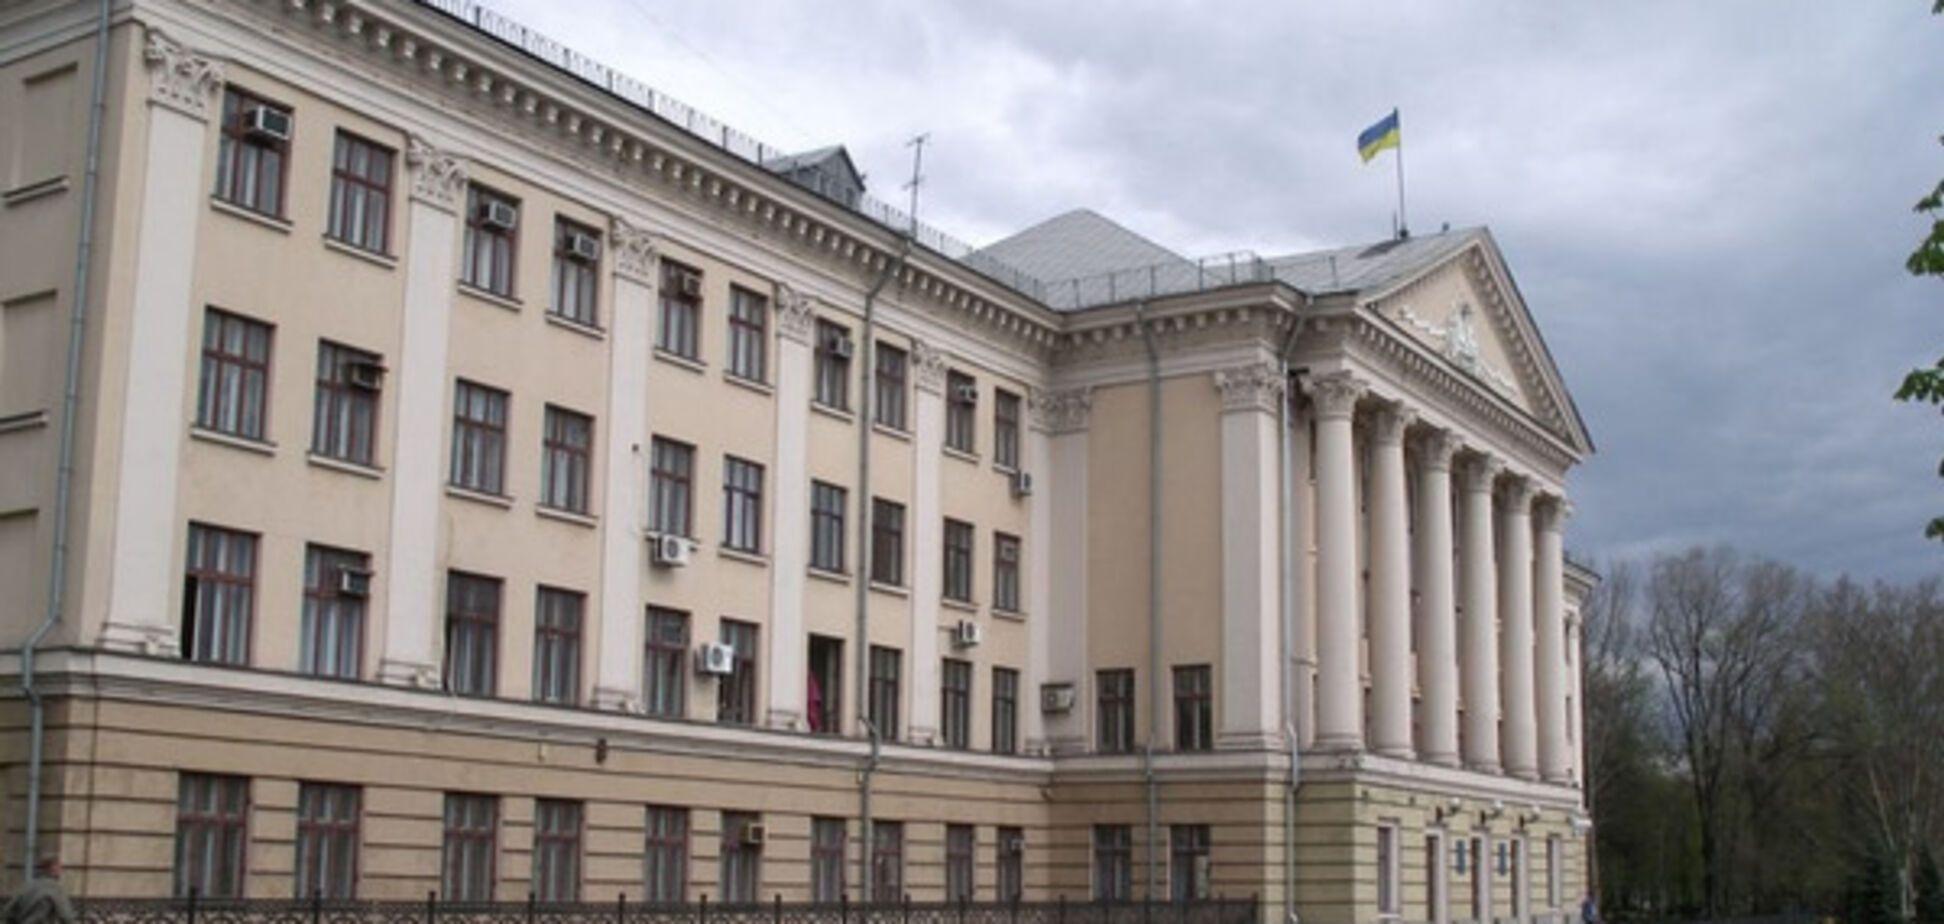 CБУ нашла в запорожской мэрии доказательства фактов прослушки и видеонаблюдения